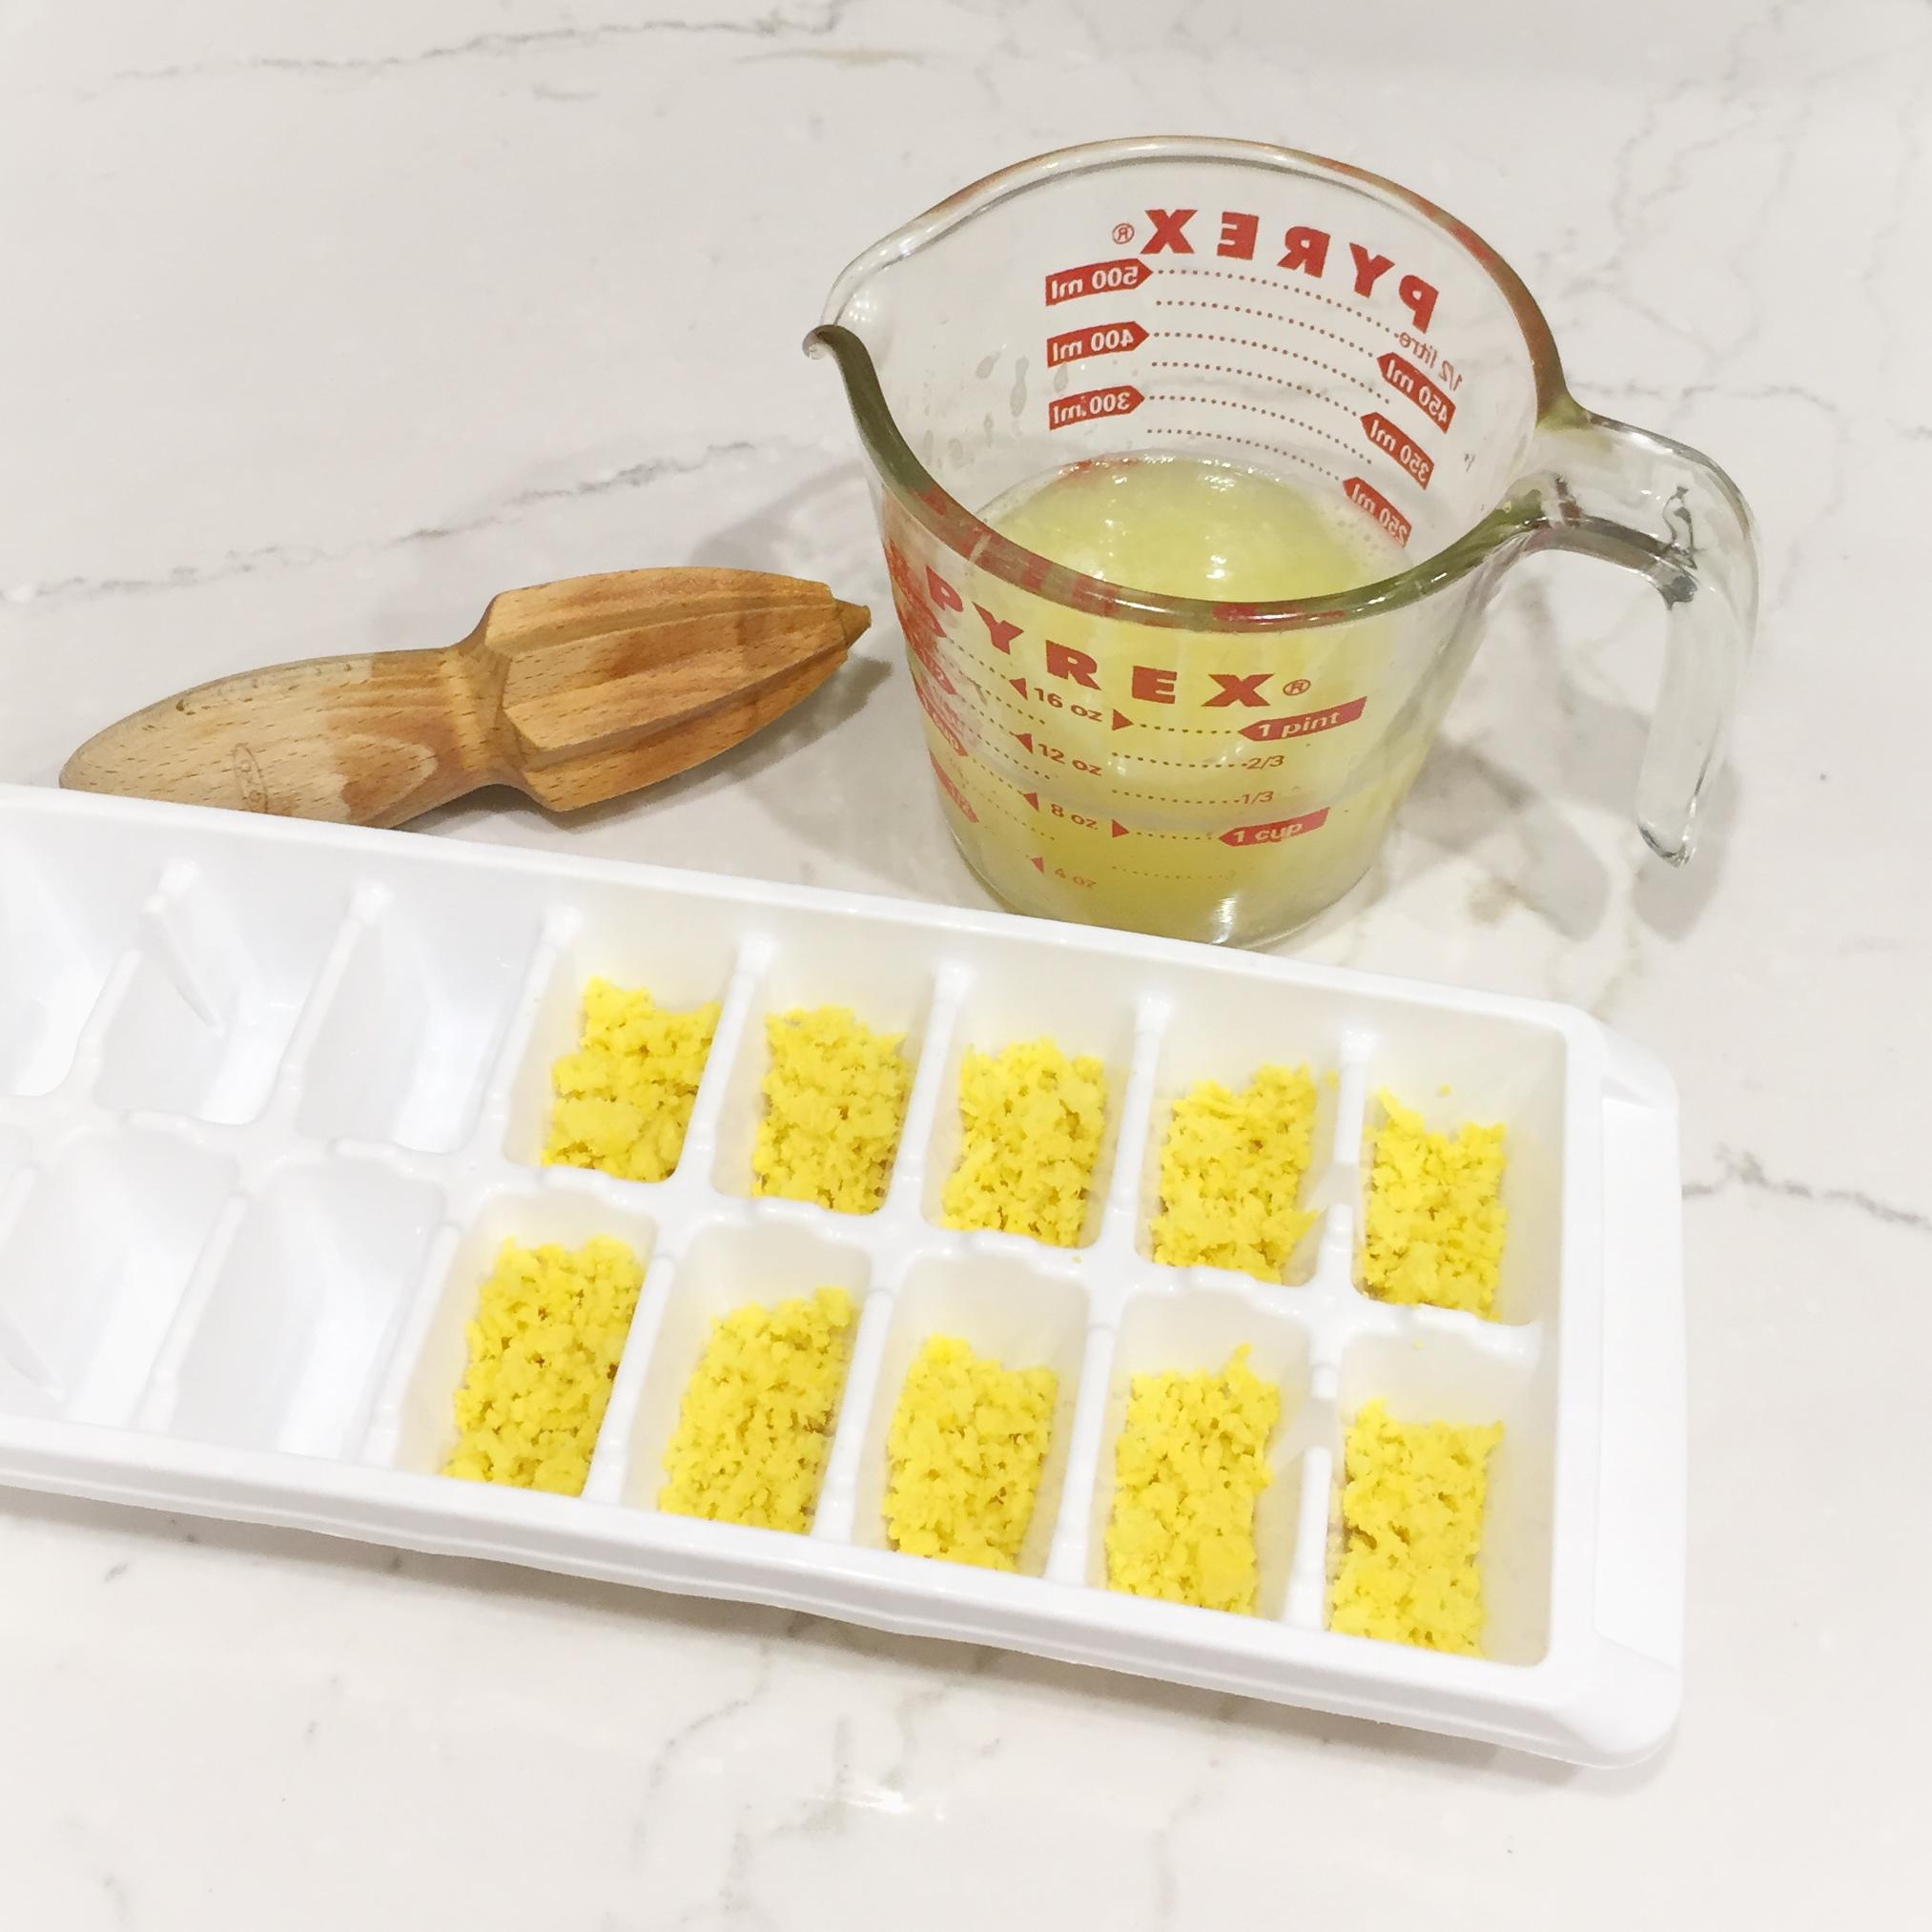 Lemon Zest & Juice.jpg